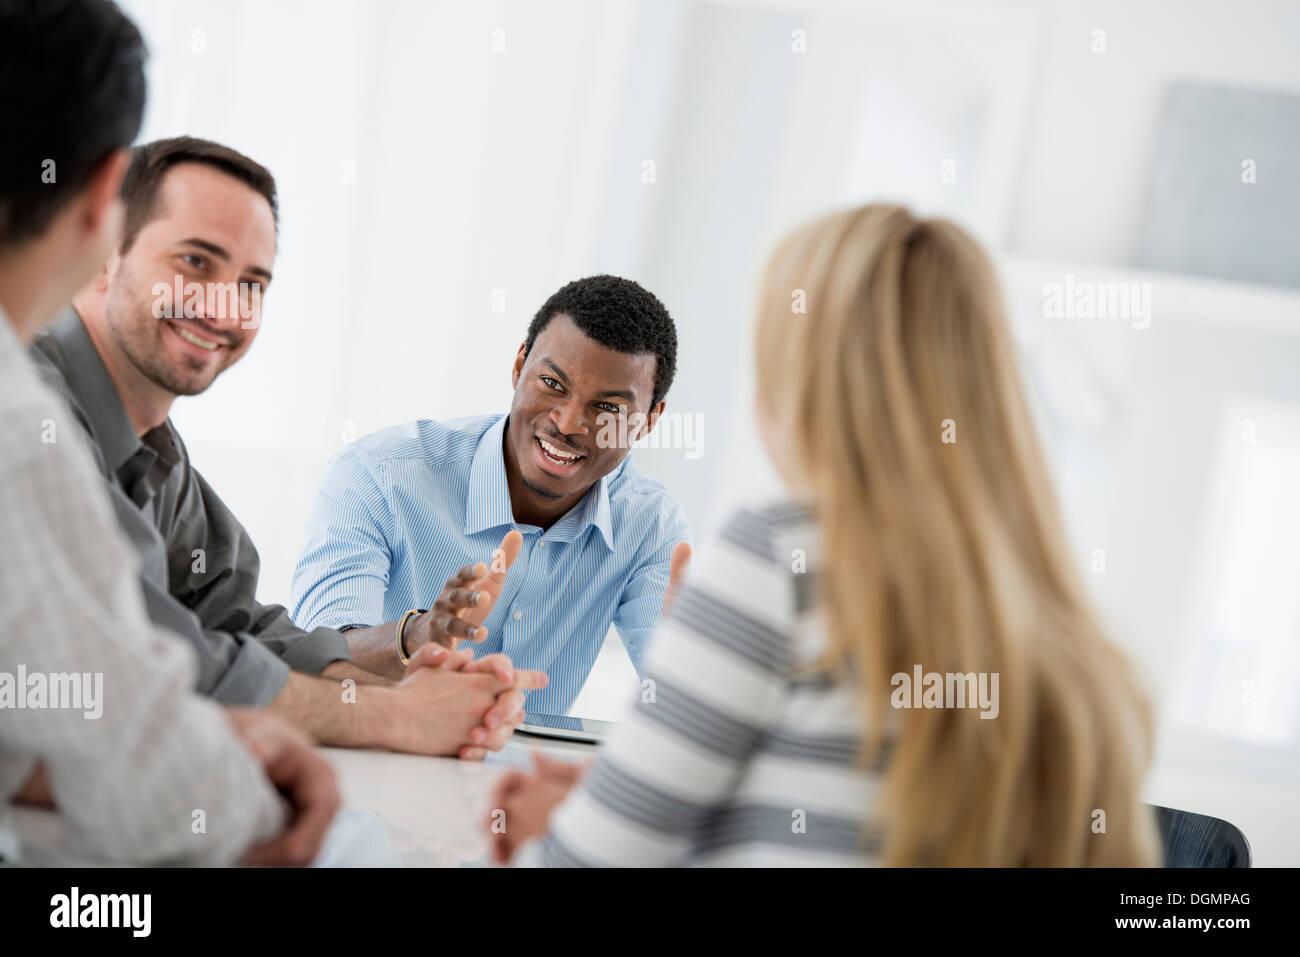 Ufficio interno. Un gruppo di quattro persone, una donna e tre uomini. Foto Stock